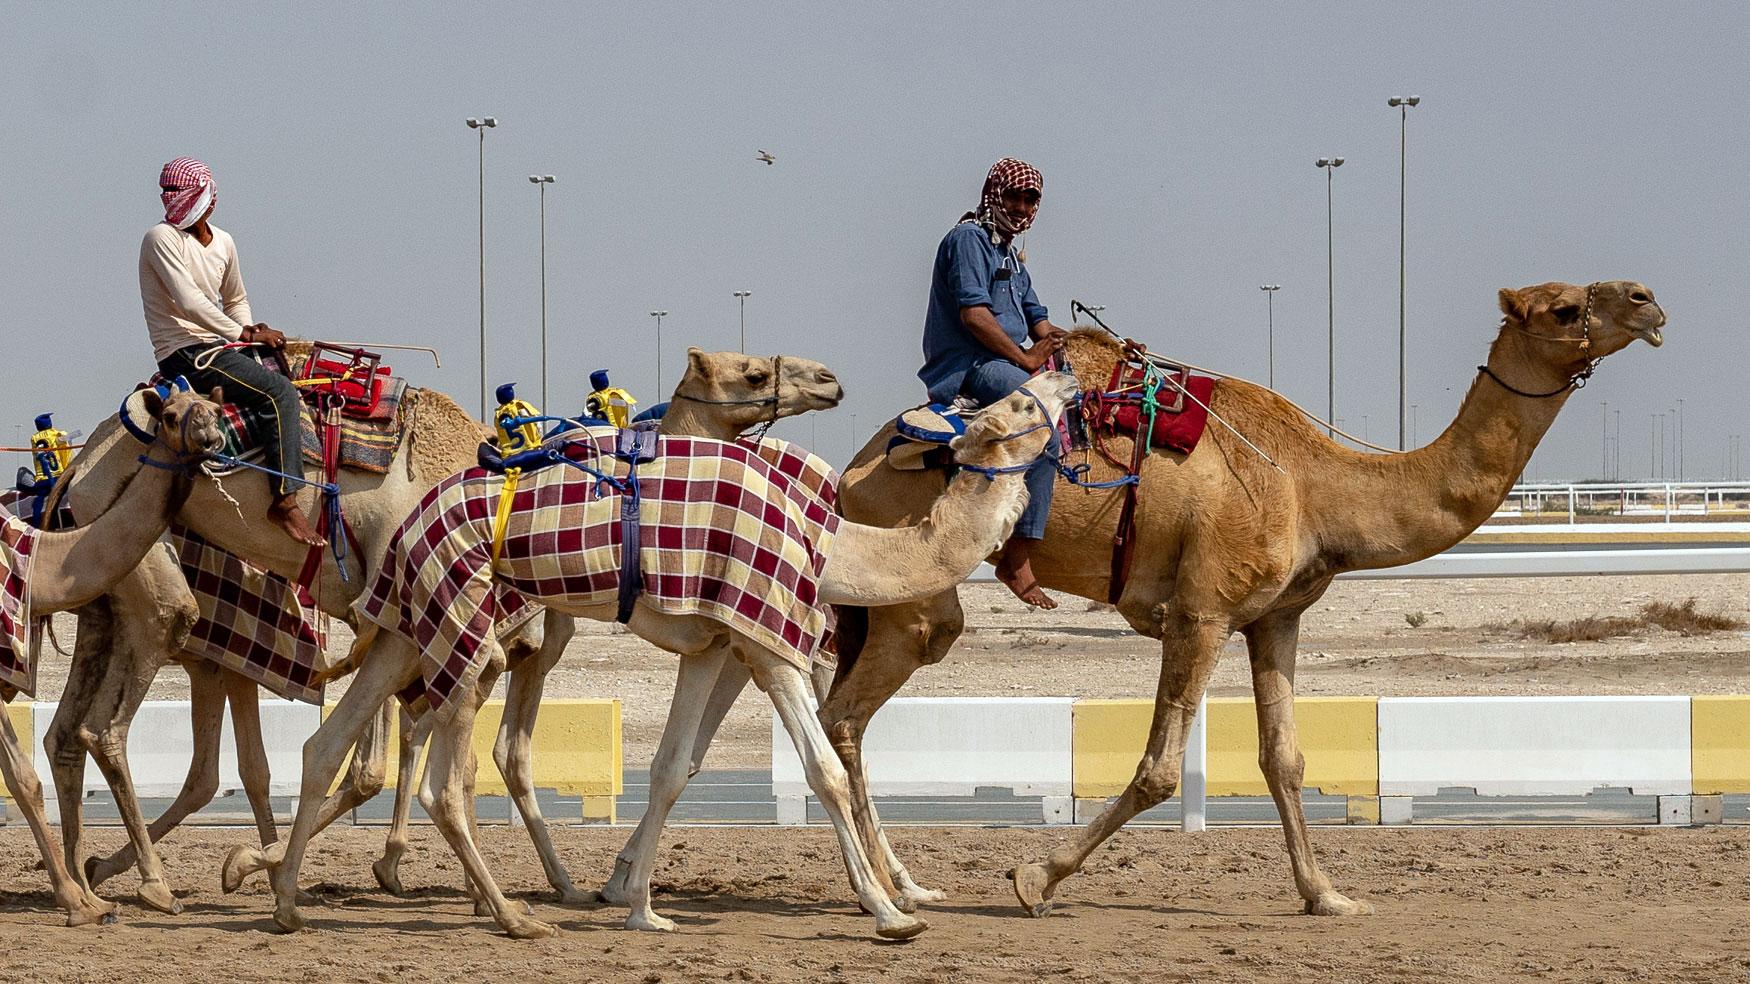 qatar-tipps-kamelrennen